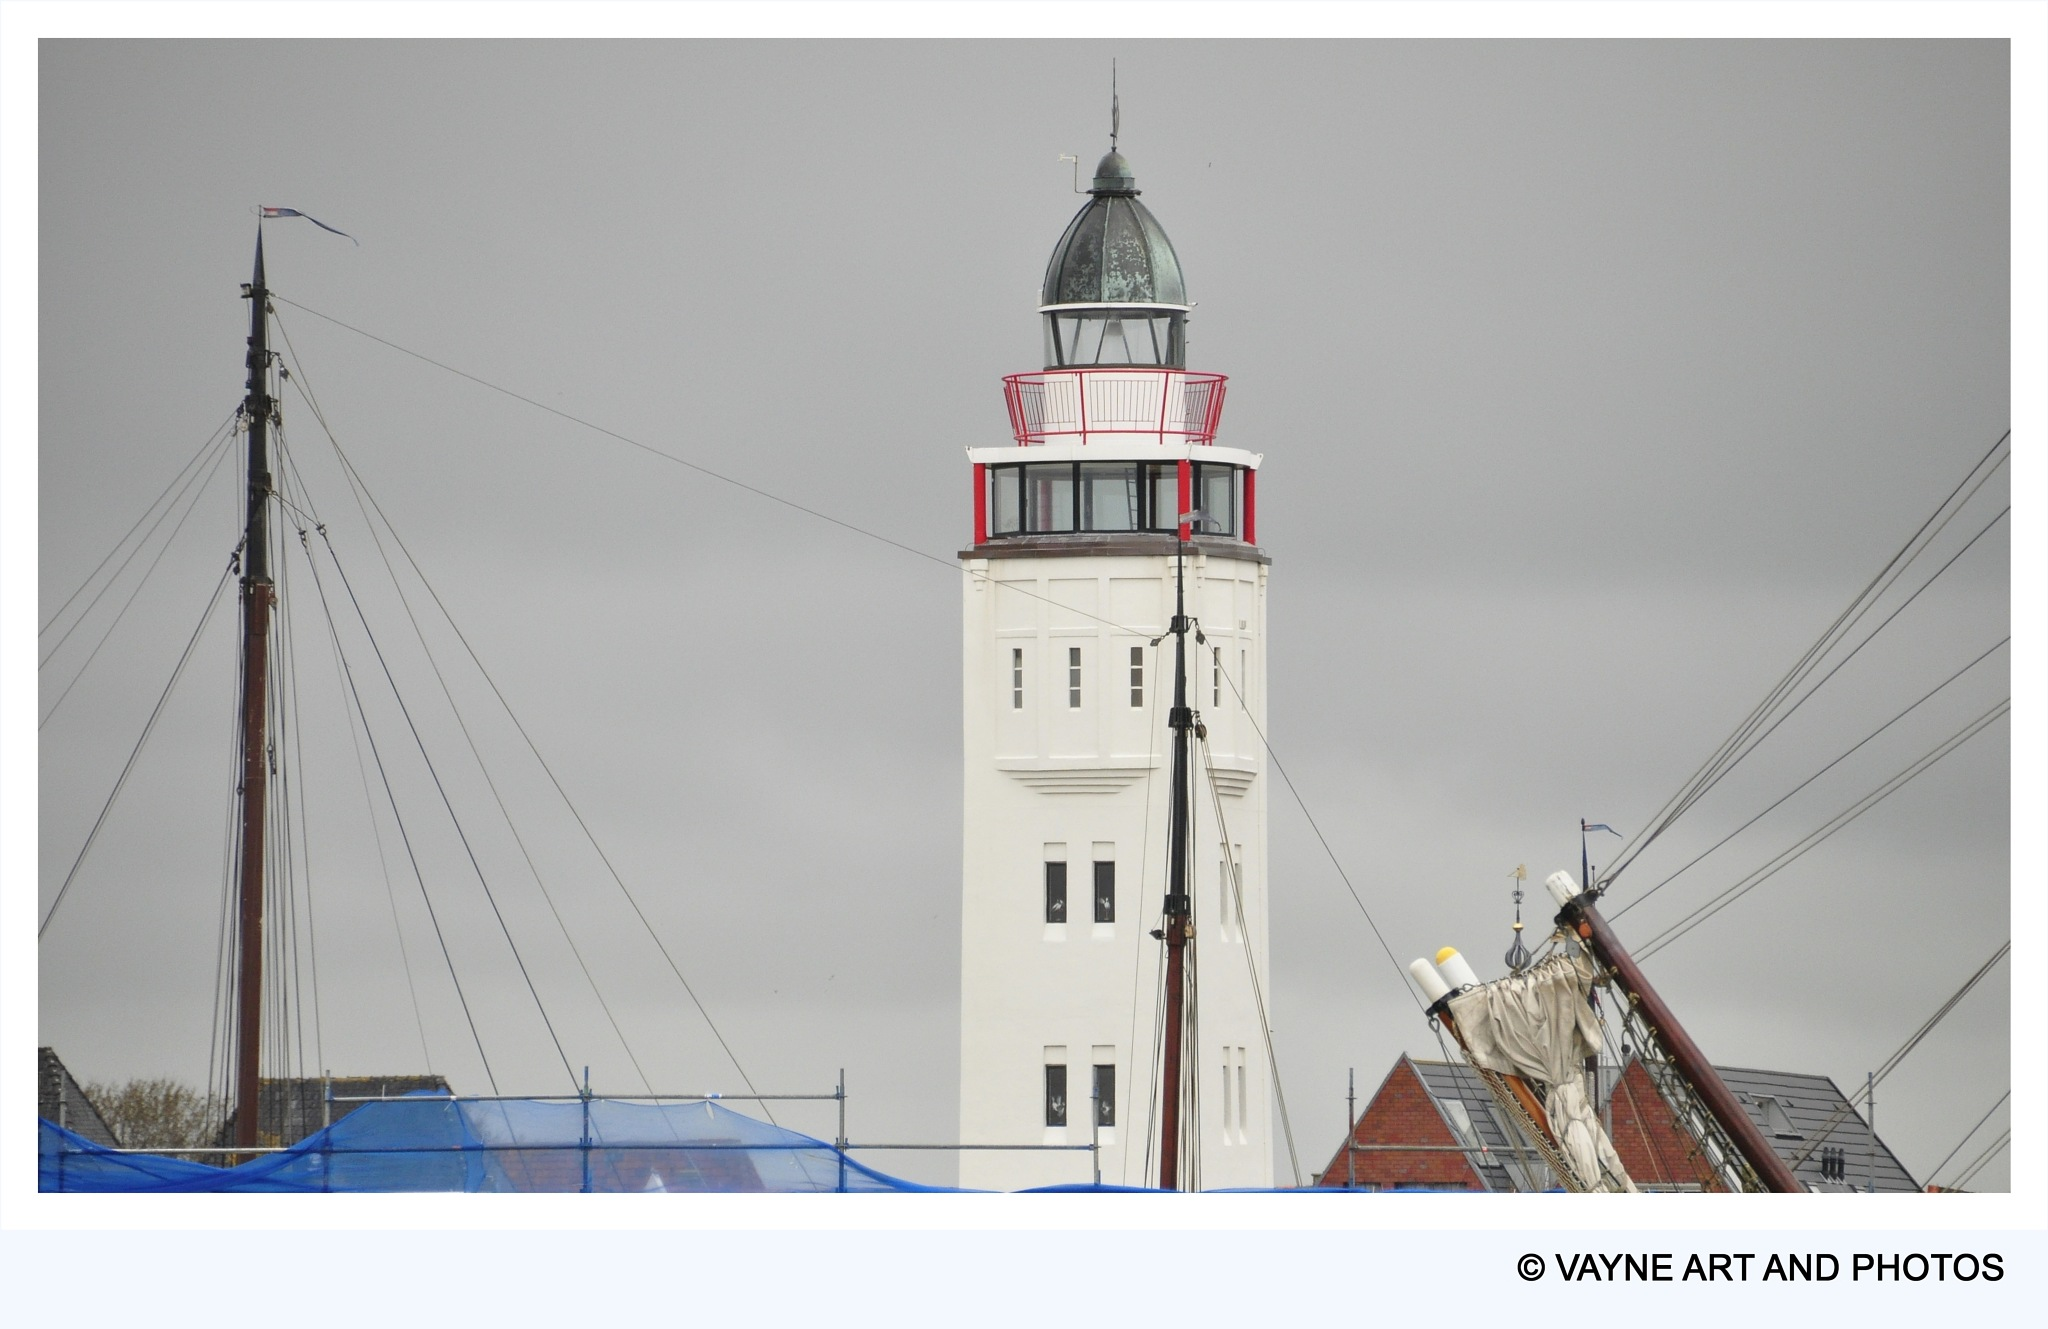 Lighttower by Jacob van der Veen